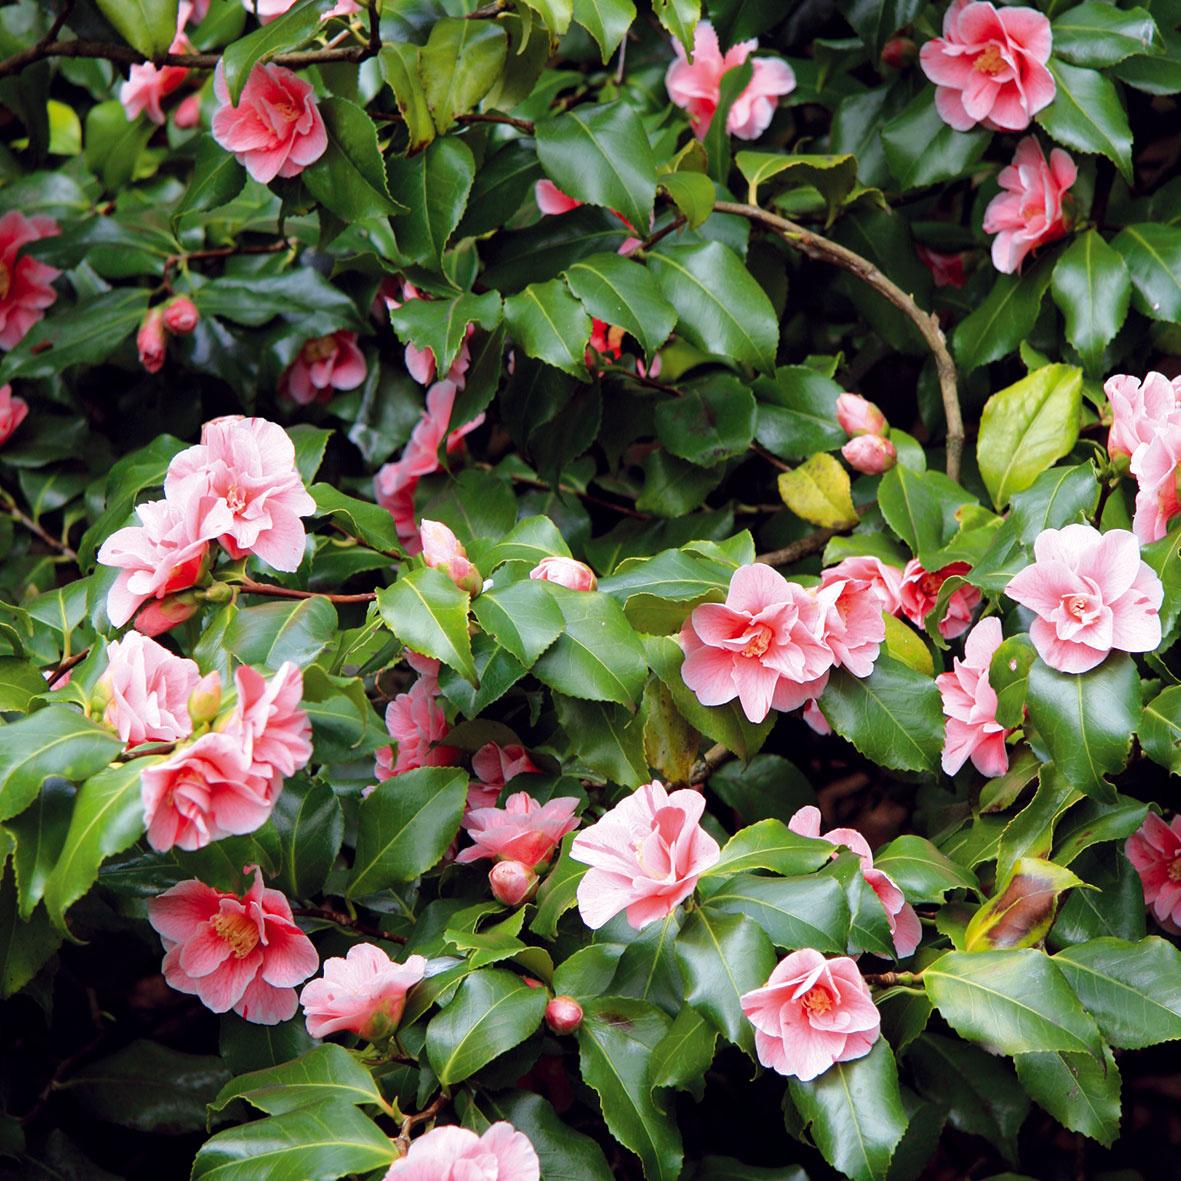 Rozkvitnutá zimná záhrada  Vzimných záhradách sa pestujú najmä rastliny okrasné listami, ktoré dopĺňajú kvitnúce druhy. Ktým najkrajším patria kamélie (Camellia japonica). Tieto nízke vždyzelené kry skožovitými listami kvitnú od decembra do jari. Sú dlhoveké, vyžadujú si rozptýlené svetlo, vyššiu vzdušnú vlhkosť ateplotu do asi 10 °C. Suchý vzduch ablízkosť tepelného zdroja im veľmi škodia. Zalievajú sa mäkkou vodou anie je dobré snimi hýbať včase vytvárania pukov apočas kvitnutia. Okrem nich sú do zimnej záhrady vhodné azalky, zornice či cyklámeny